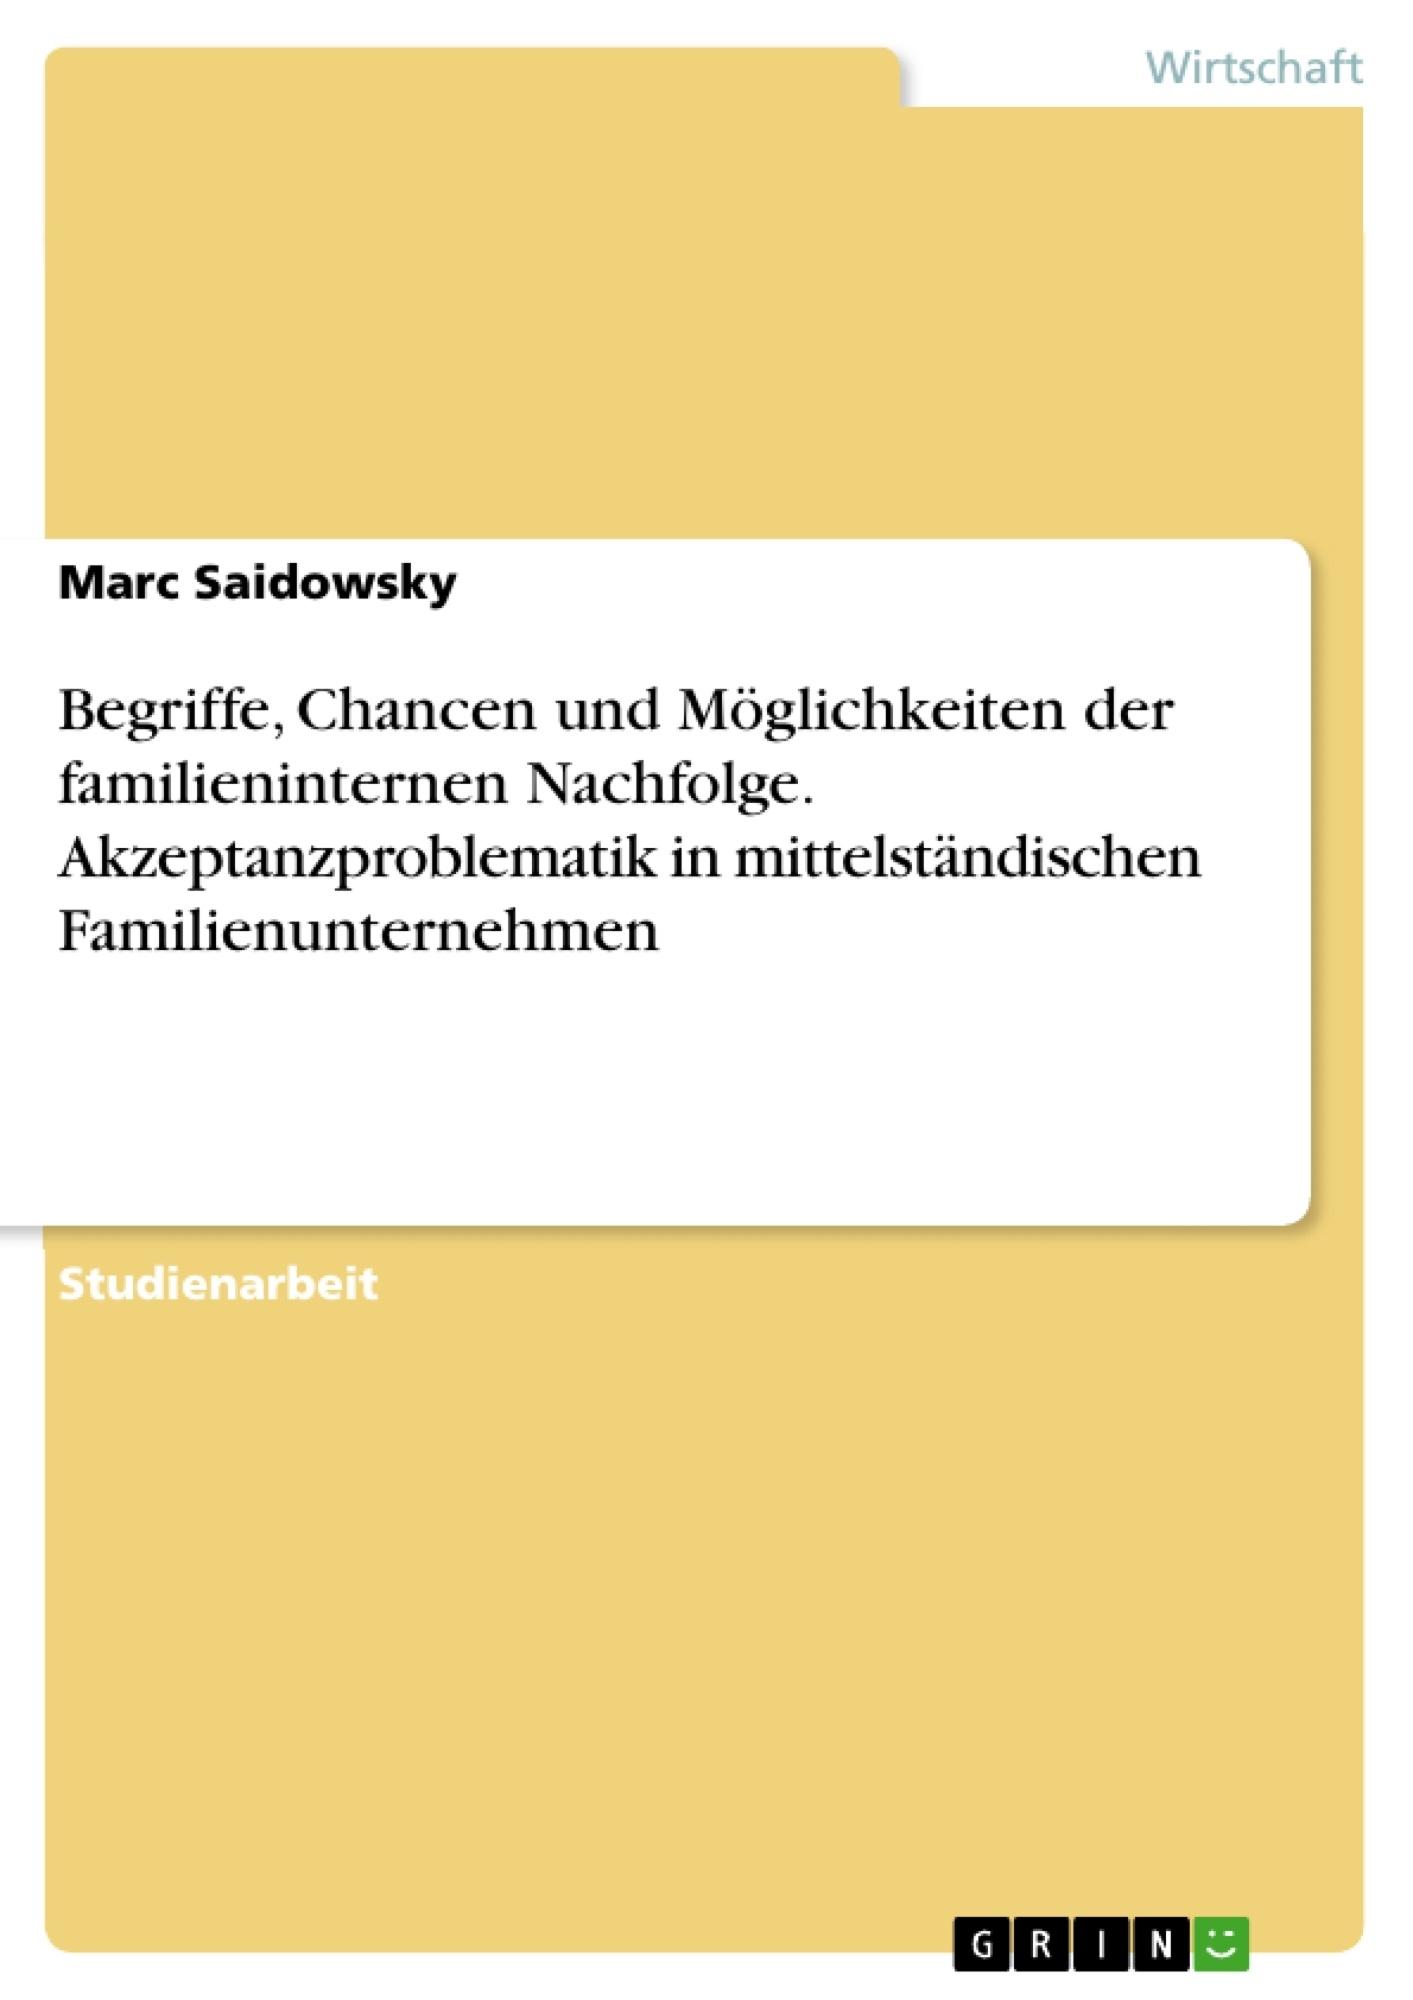 Titel: Begriffe, Chancen und Möglichkeiten der familieninternen Nachfolge. Akzeptanzproblematik in mittelständischen Familienunternehmen